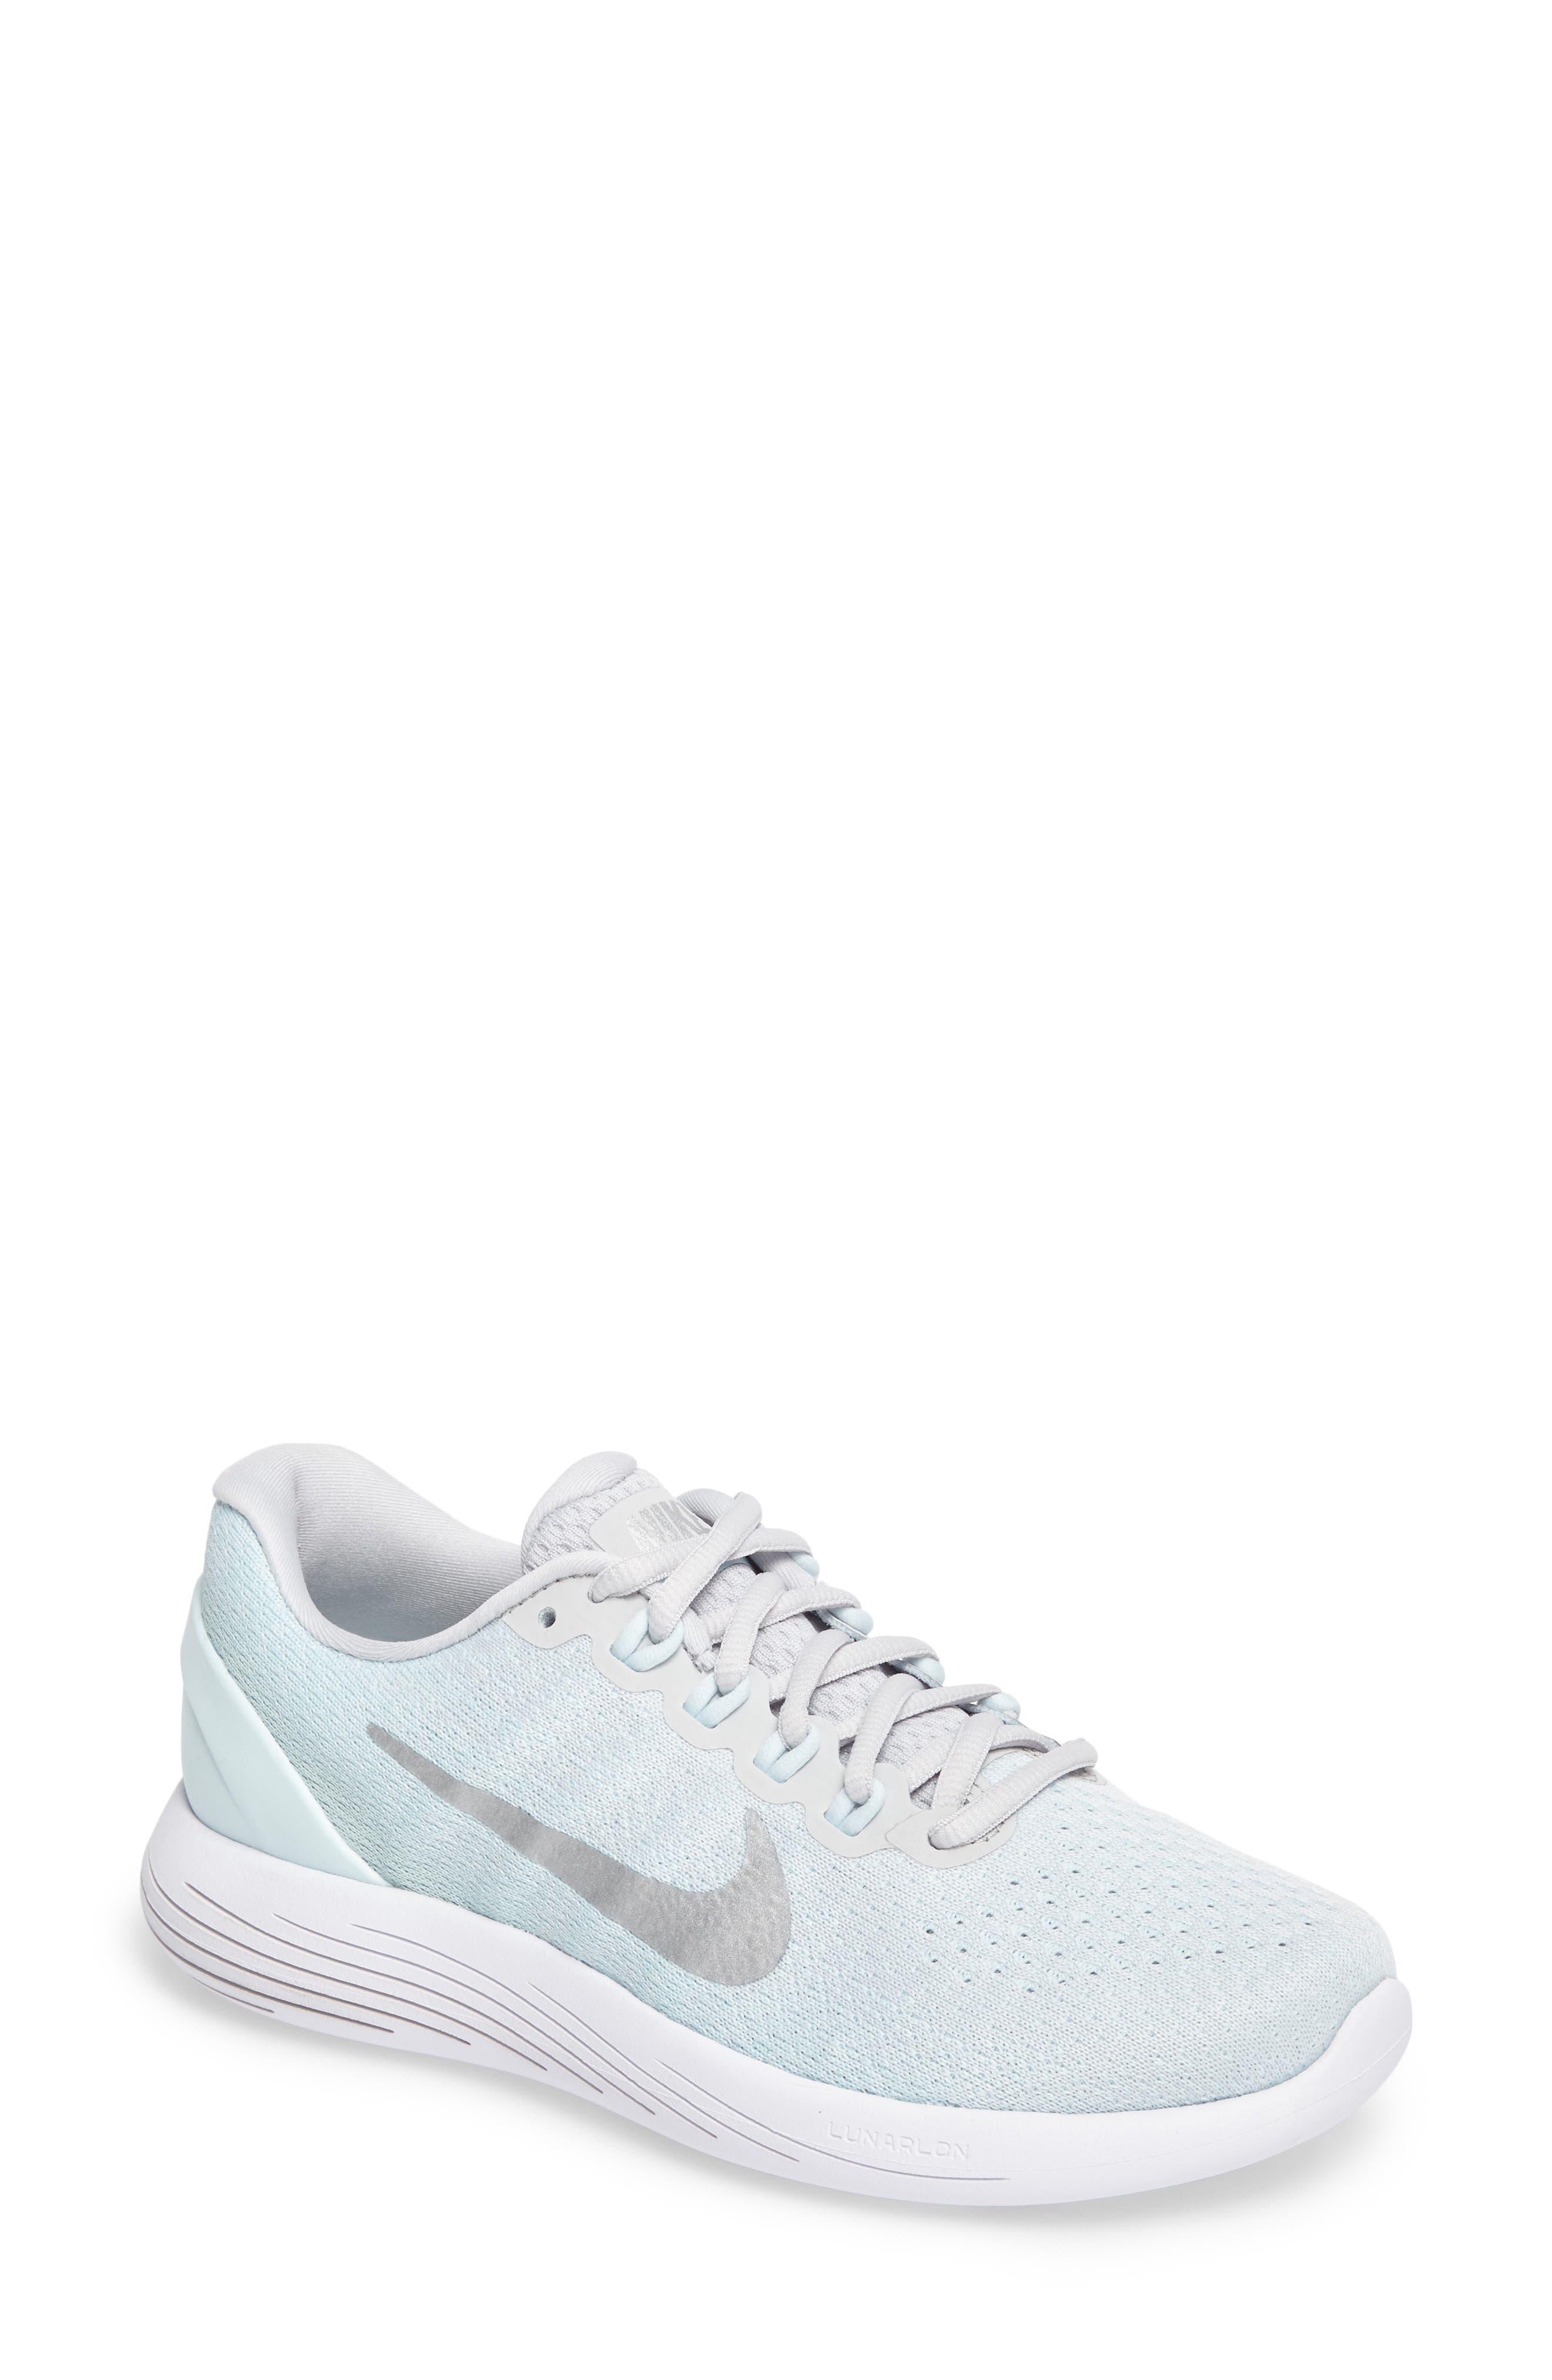 Main Image - Nike LunarGlide 9 Running Shoe (Women)